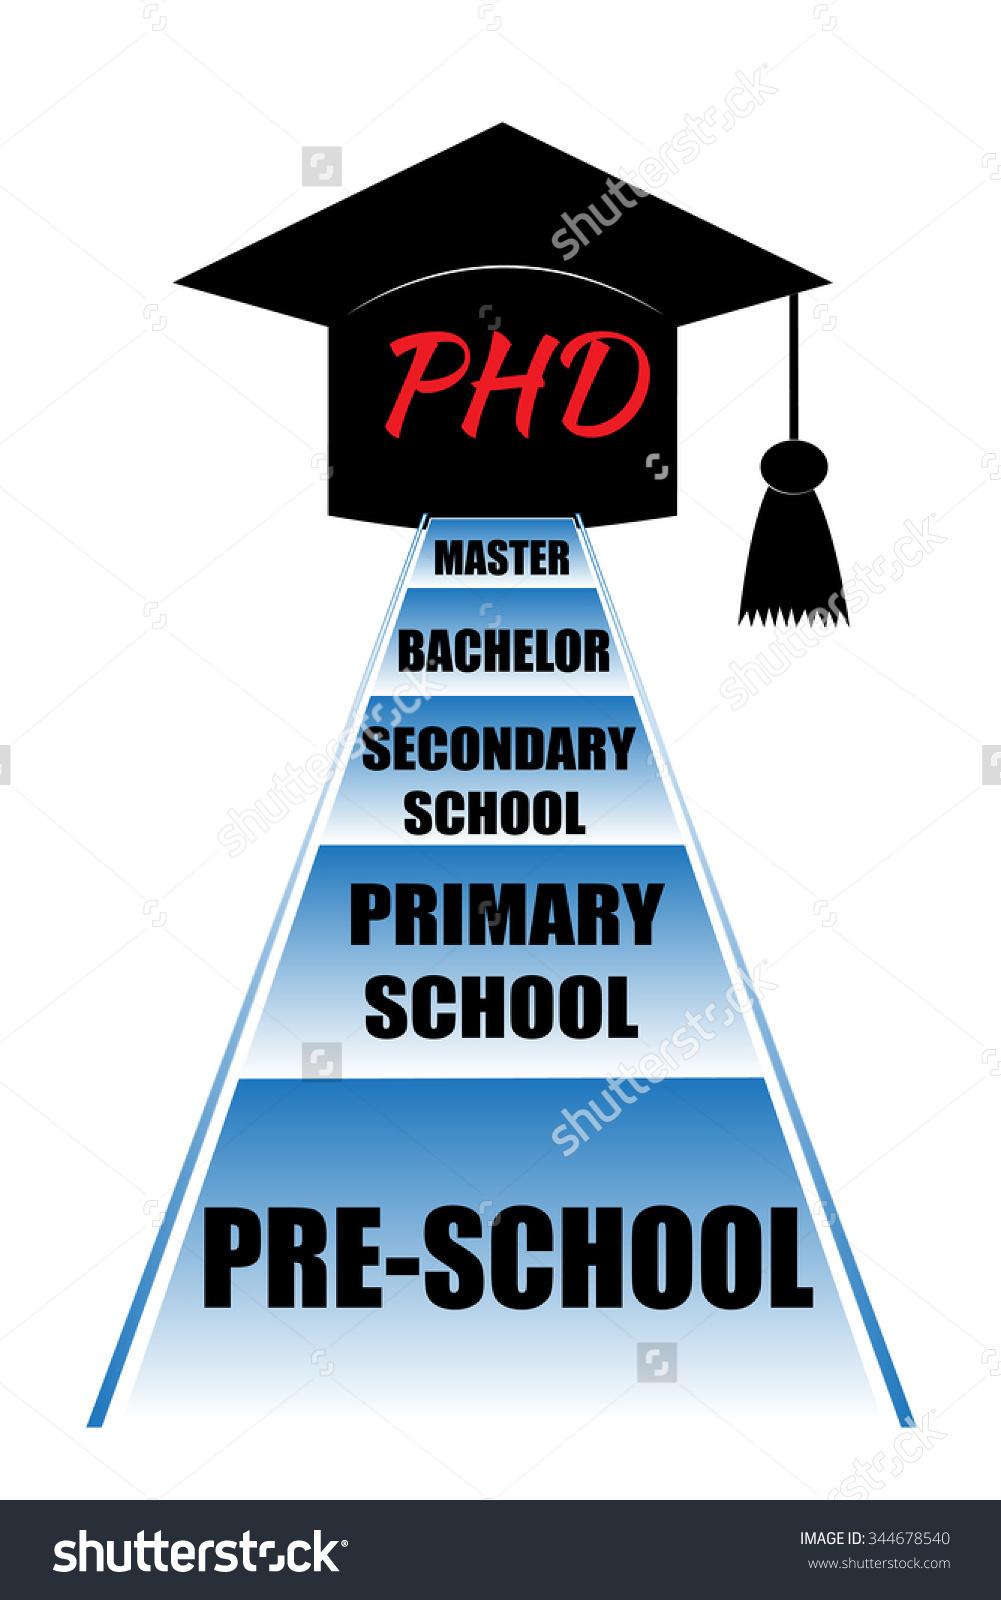 Phd program